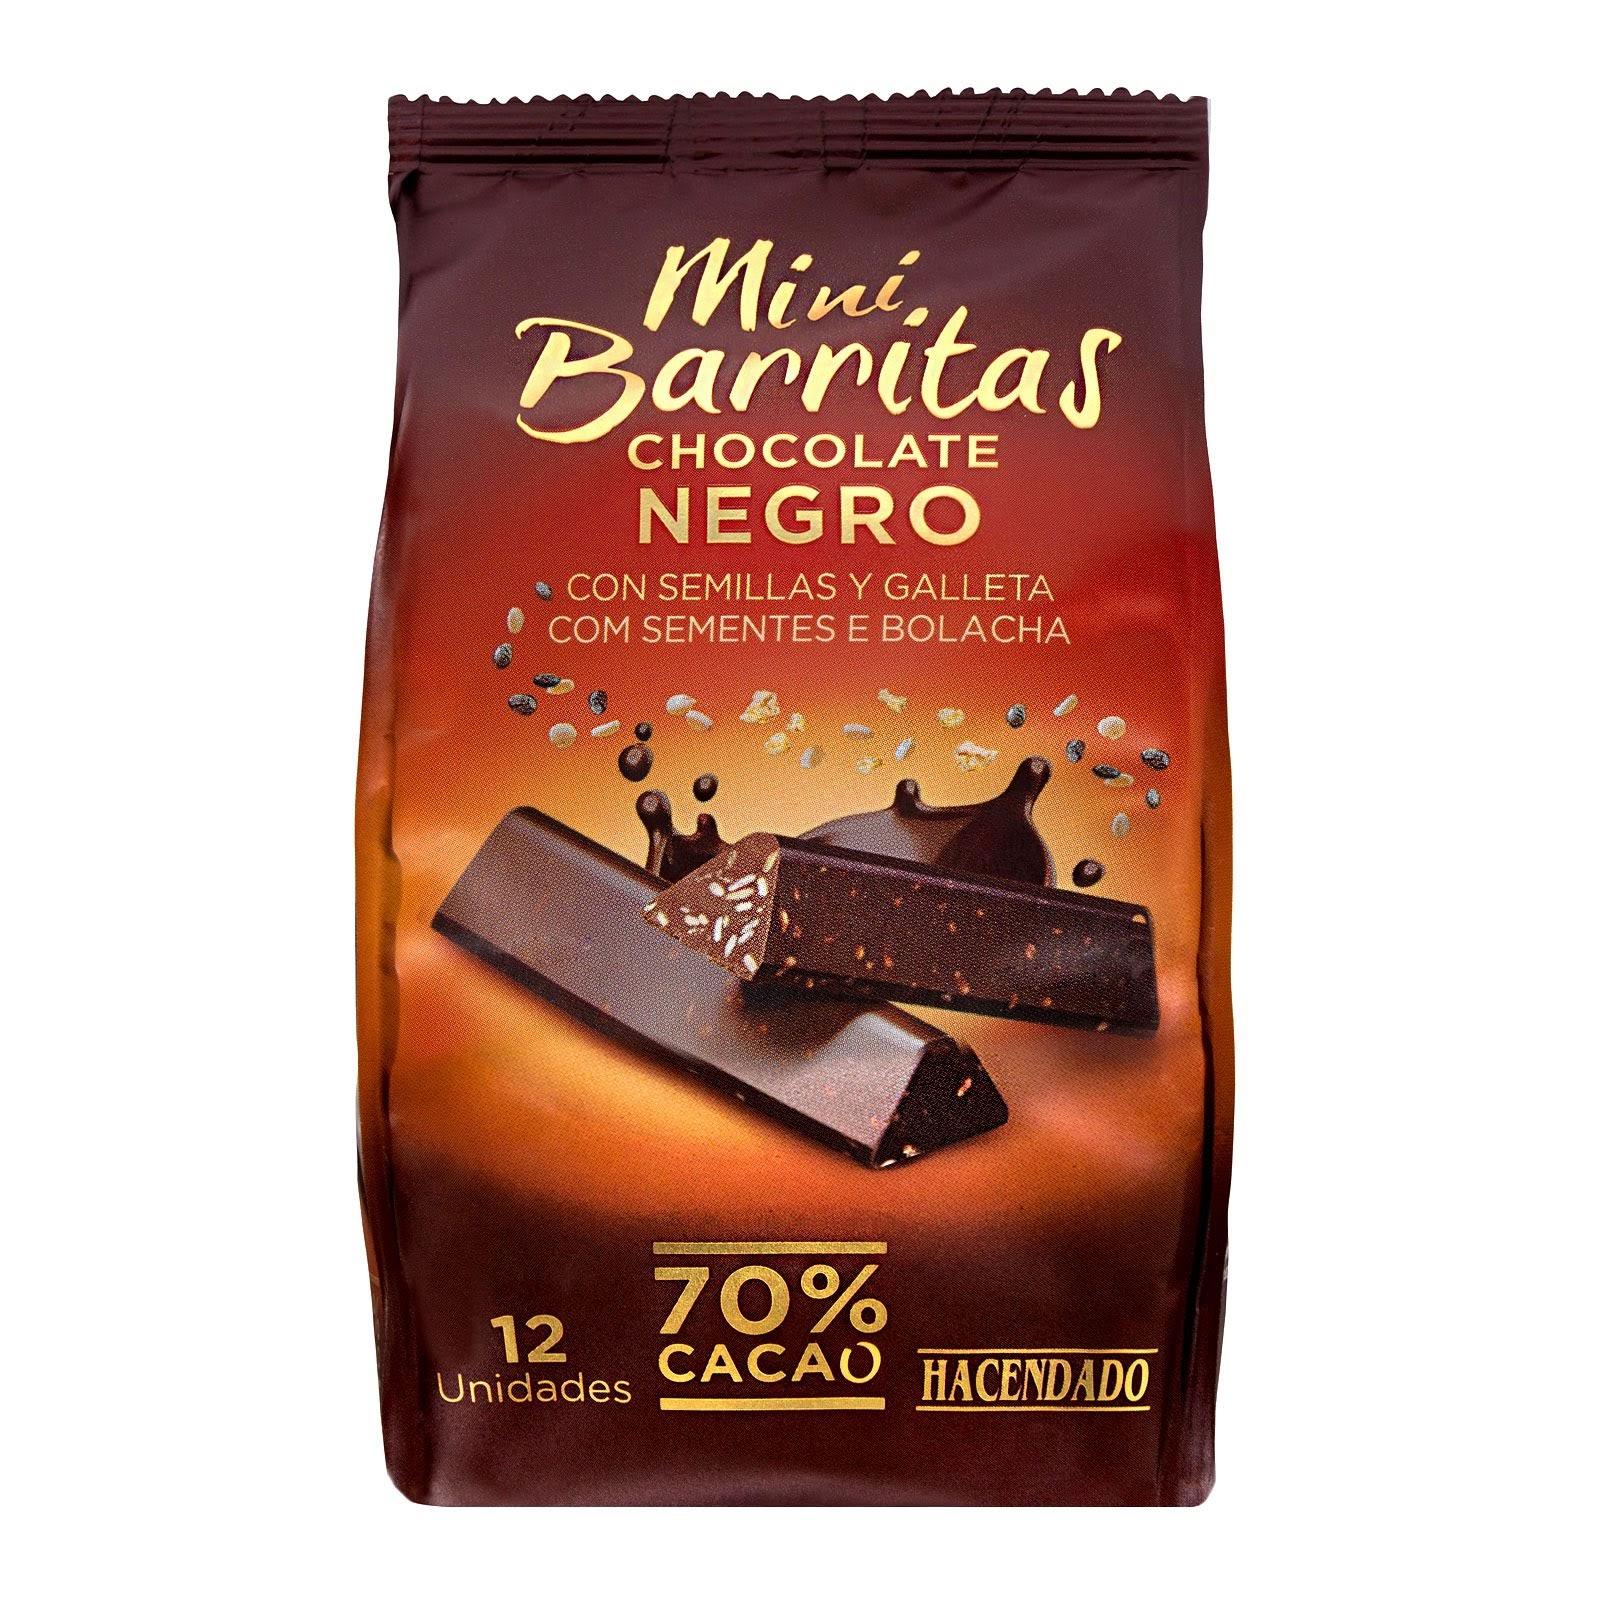 mini-barritas-de-chocolate-negro-70-de-cacao-con-semillas-y-galleta-hacendado-mercadona-1